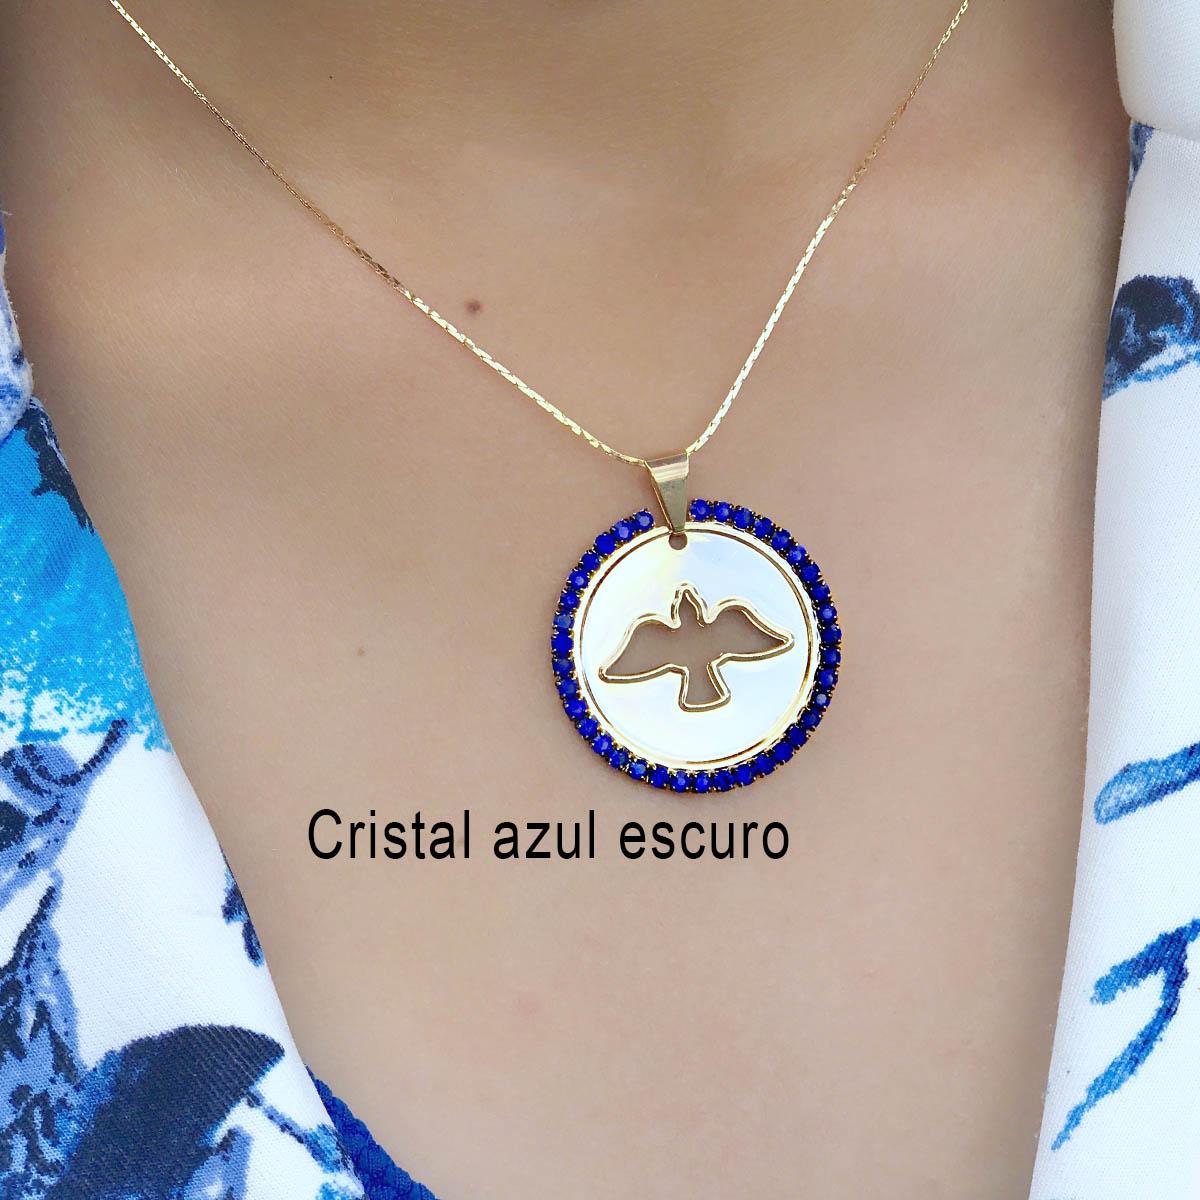 COLAR SEMIJOIA  COM MANDALA DE ESPÍRITO SANTO VAZADO E BORDAS CRAVEJADAS COM CRISTAIS EM CORES DIVERSAS-cristal azul esc